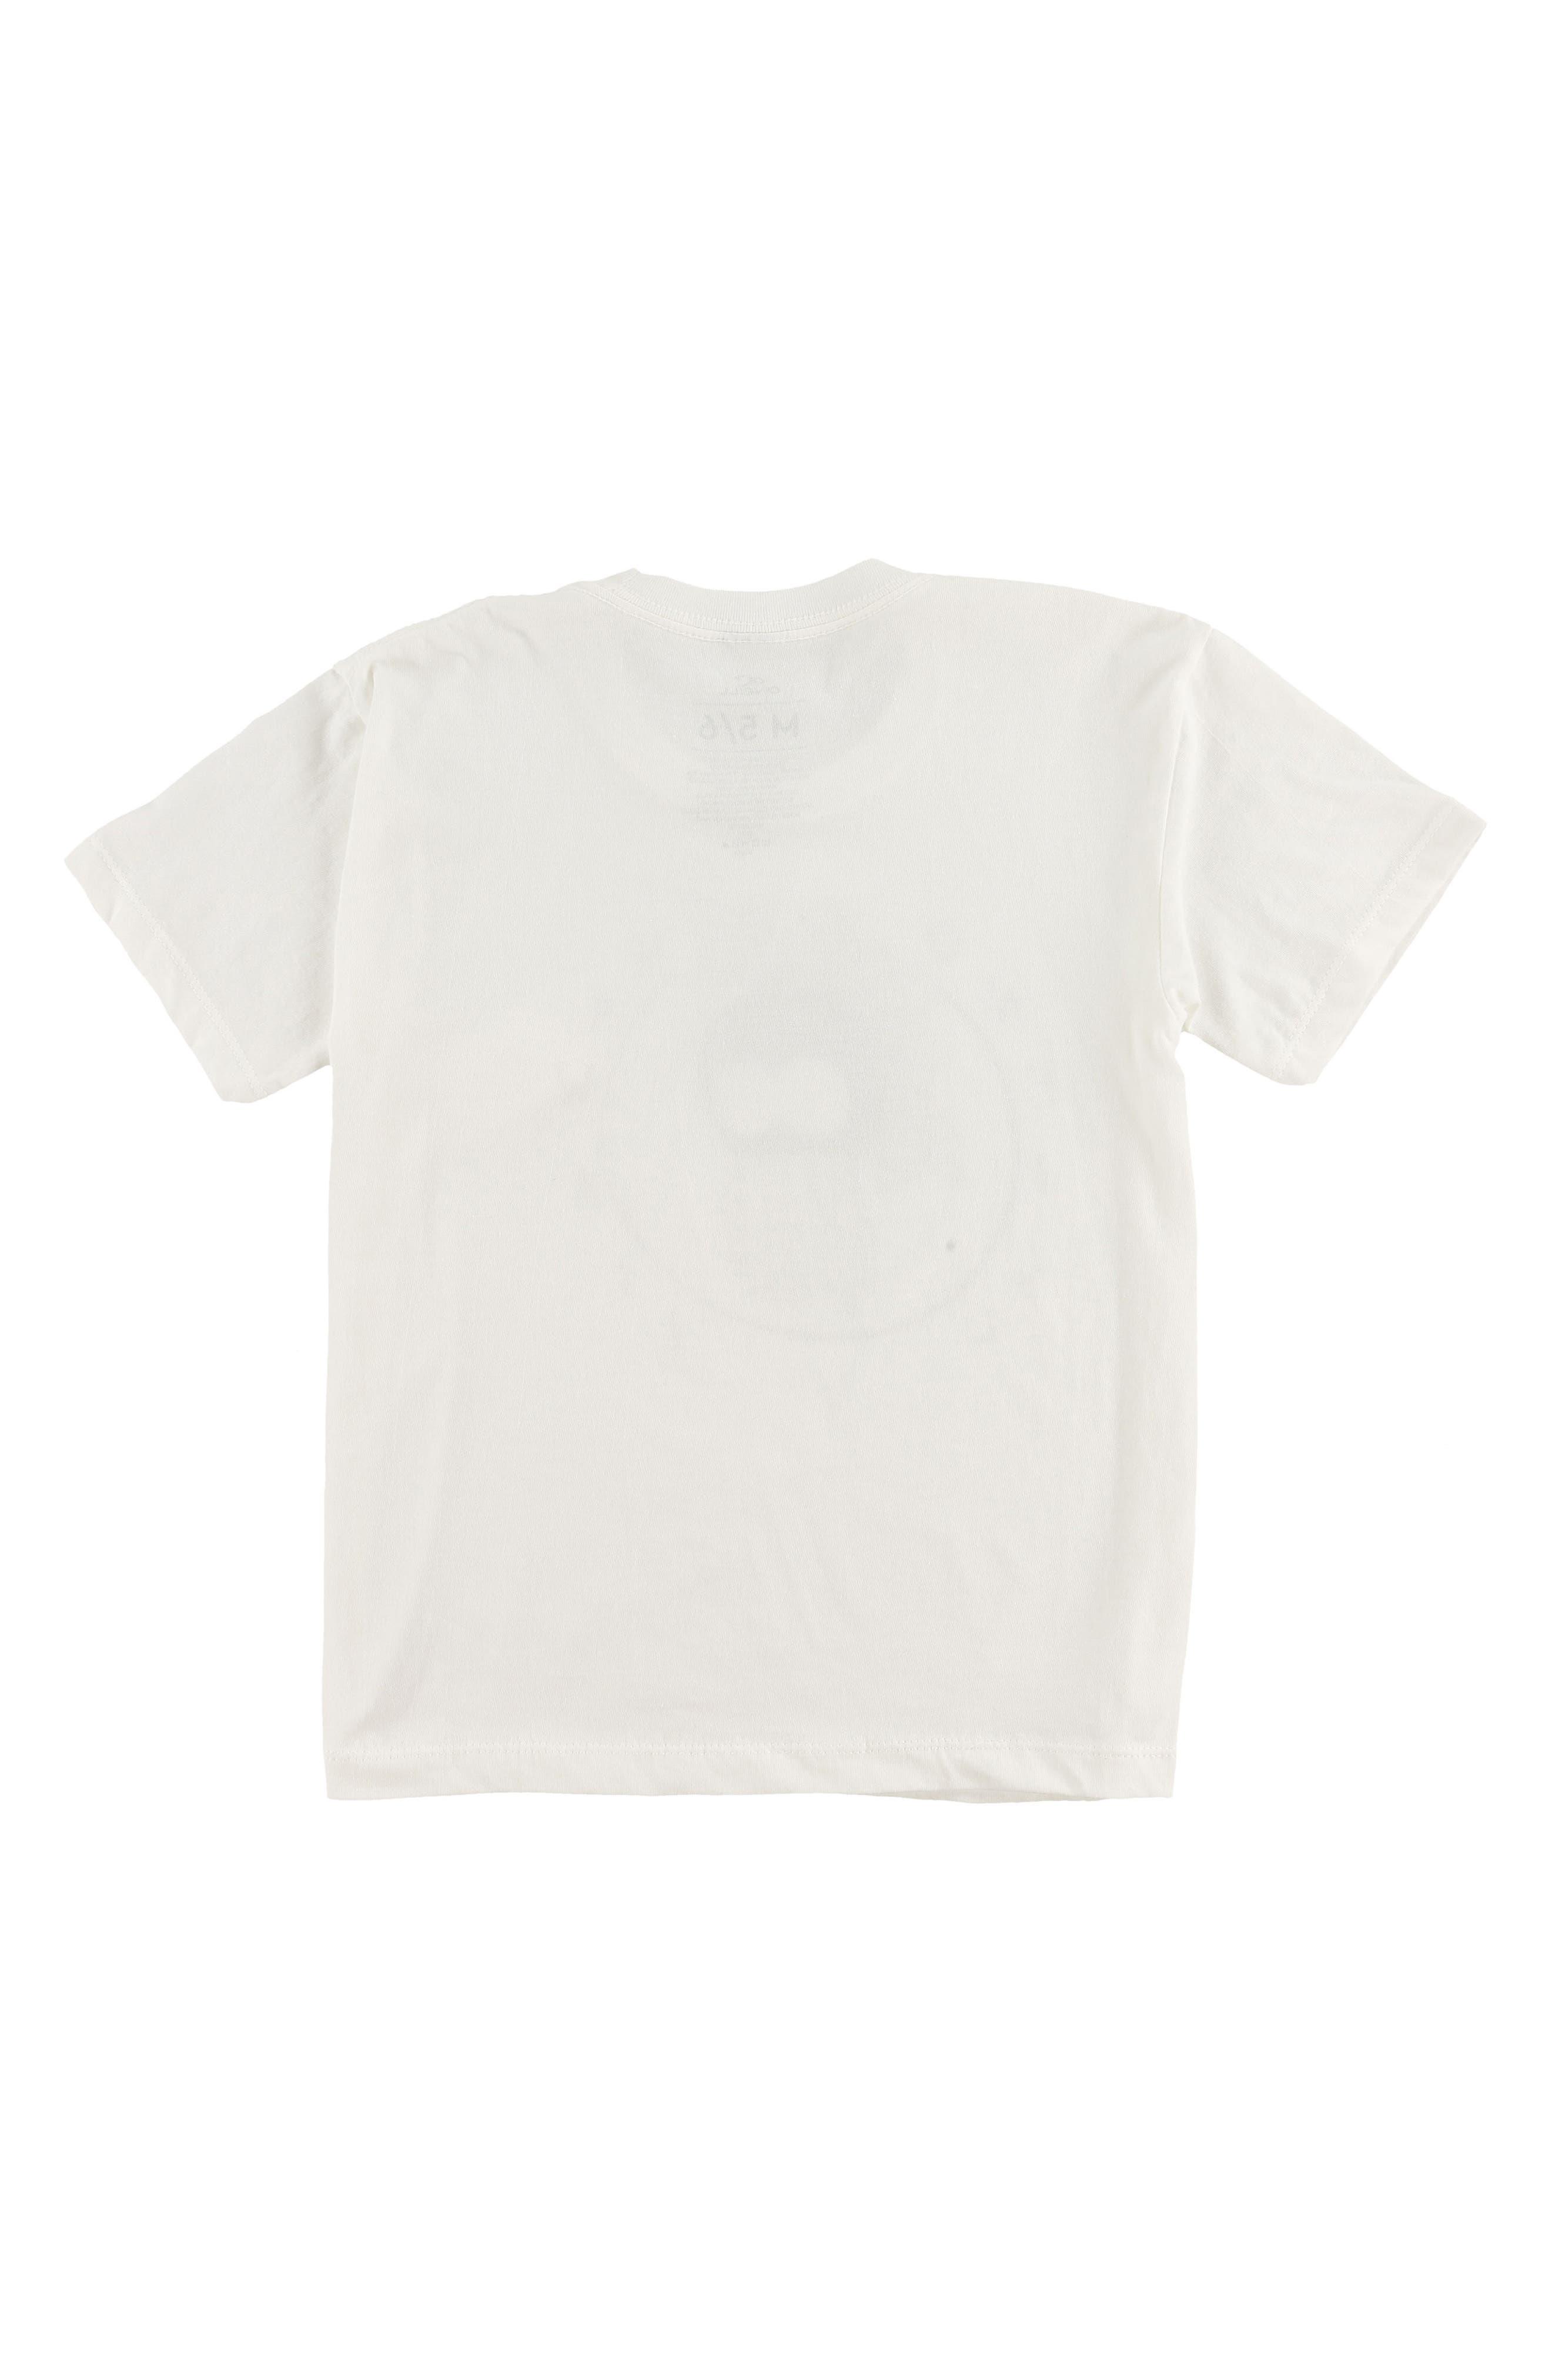 Sandspit Graphic T-Shirt,                             Alternate thumbnail 2, color,                             100